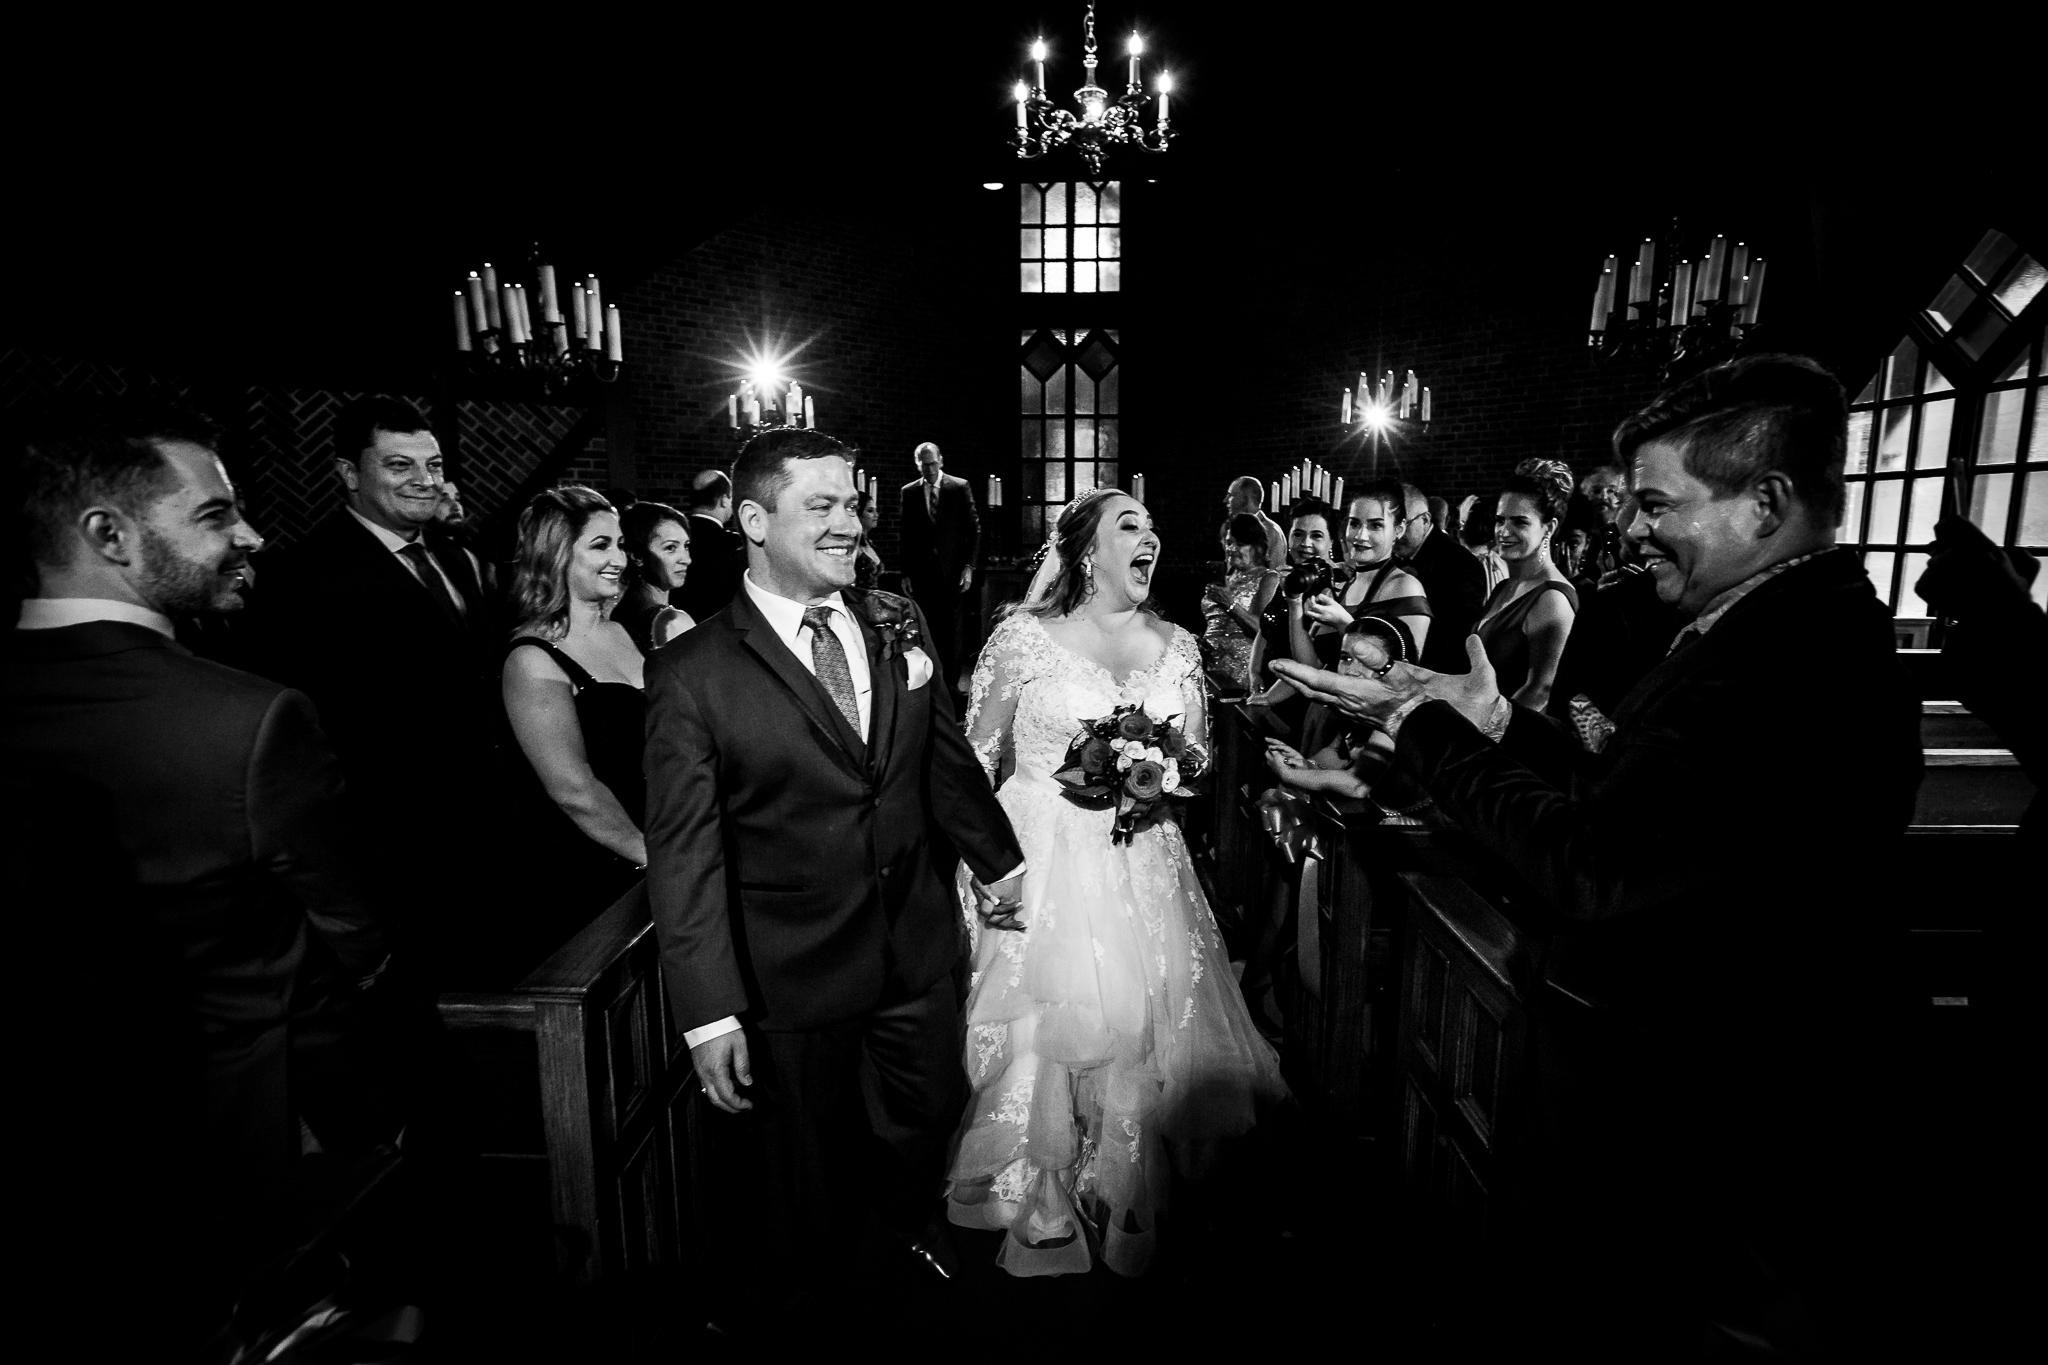 old-mill-wedding-photos-18-2.jpg